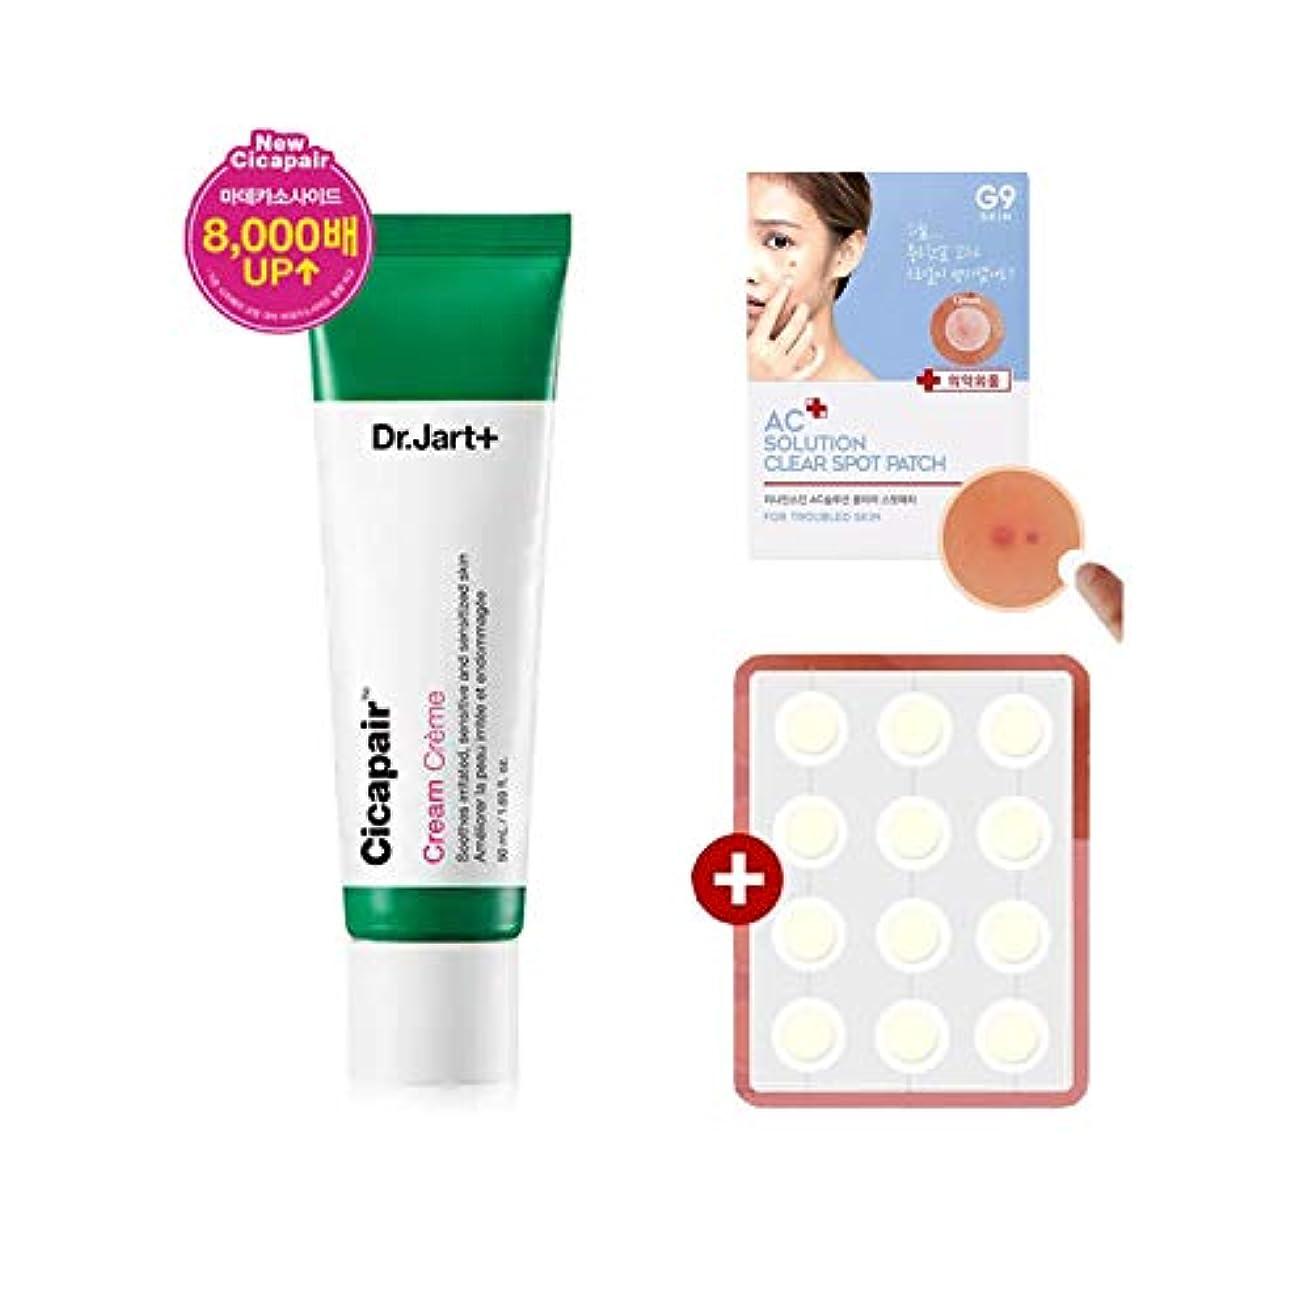 不健康有限振る舞う[リニューアル] Dr.Jart Cicapair Cream クリーム50ml(2代目)+ G9SKIN ACソリューションクリアパッチ 12枚 [並行輸入品]